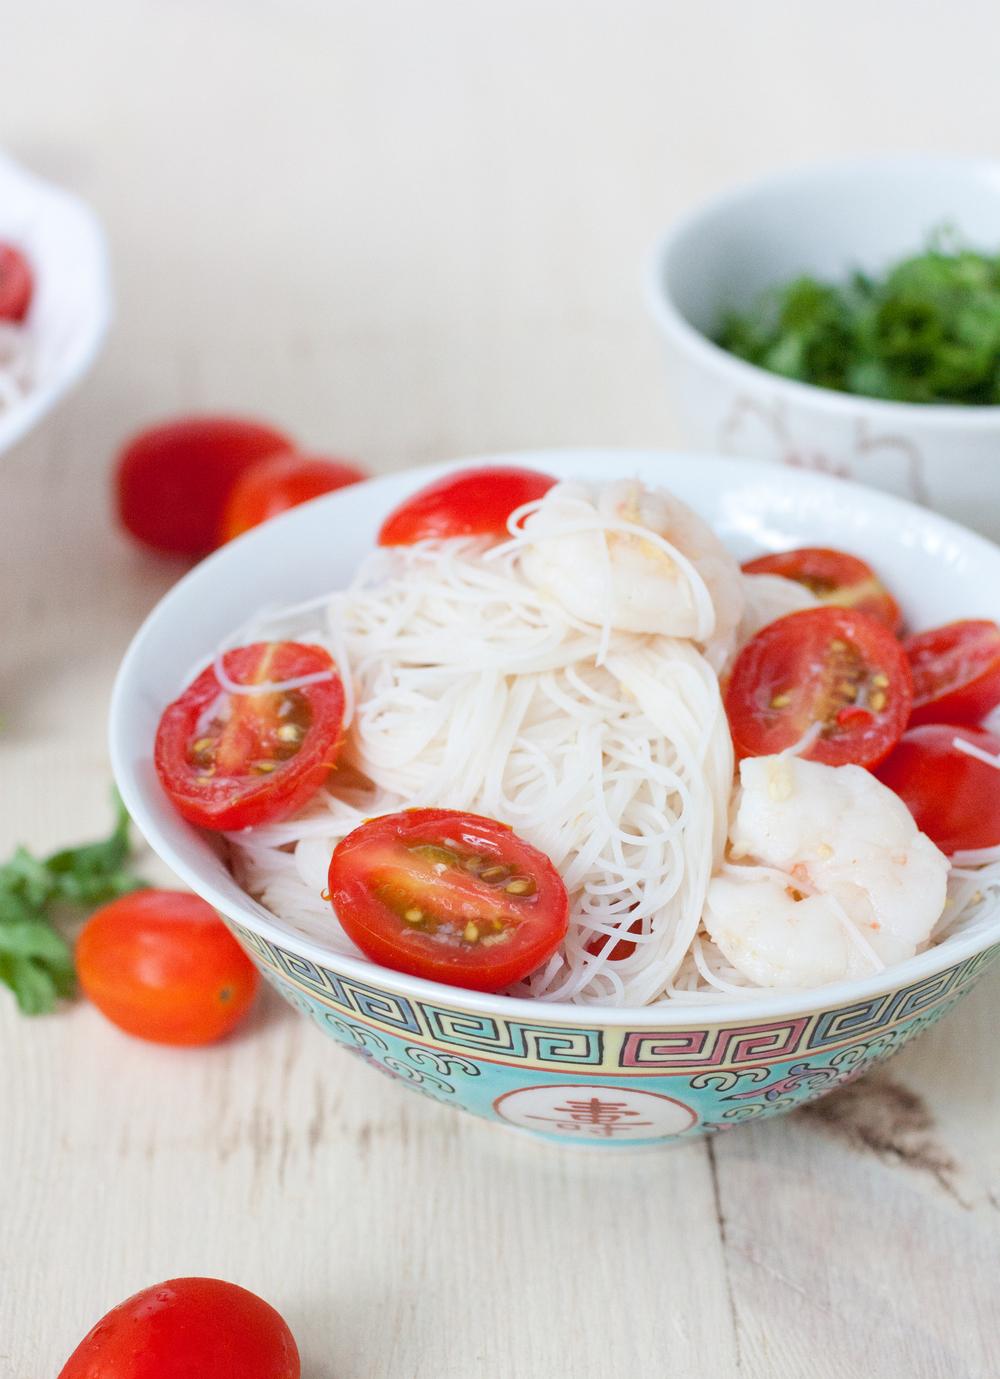 Beehoon-salad-4.jpg